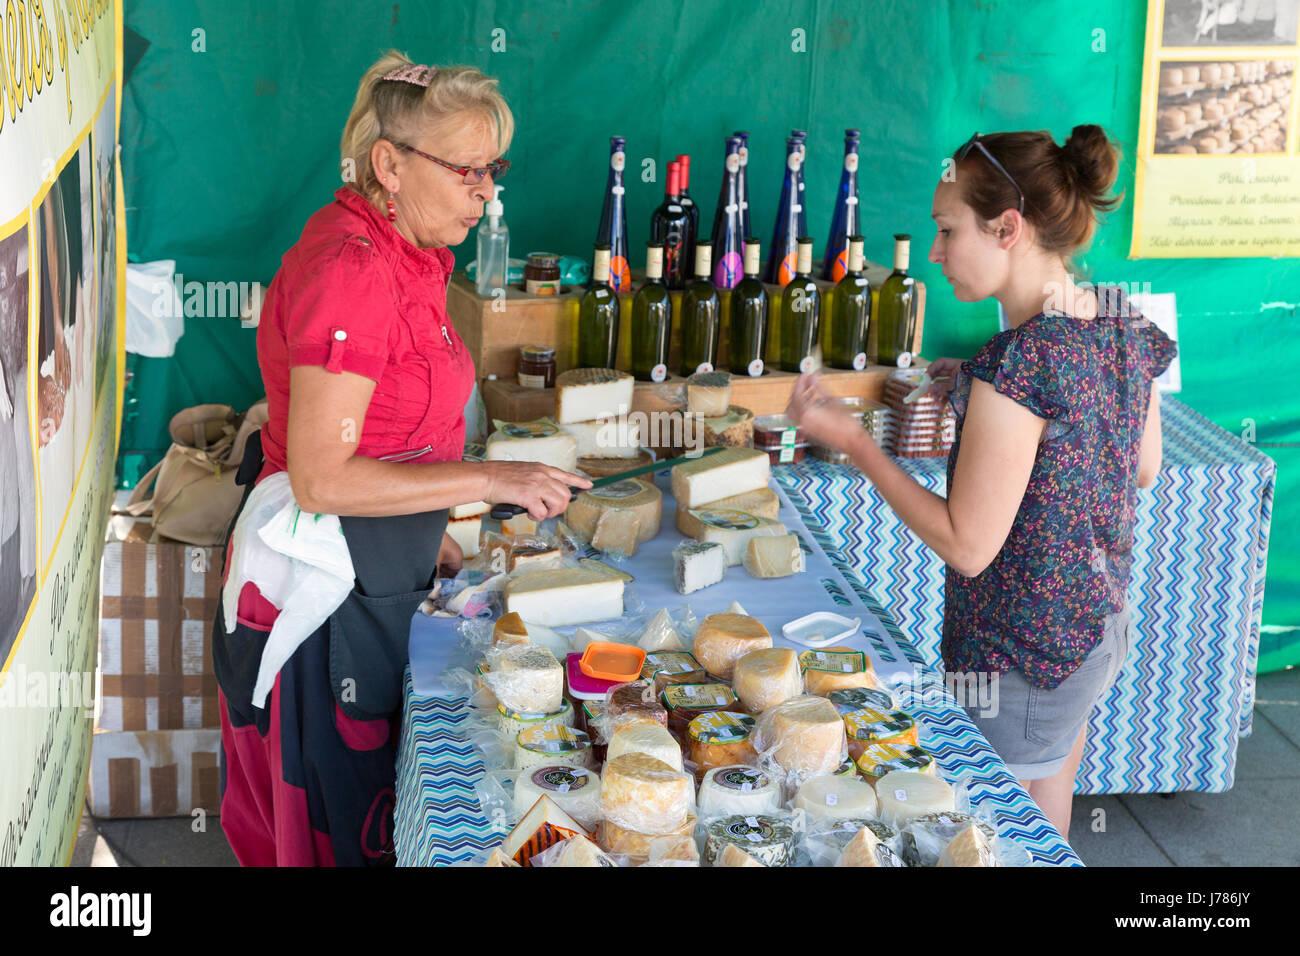 Eine Frau kaufen Käse auf einem Käse-Stall, Costa Teguise Markt, Lanzarote, Kanarische Inseln-Europa Stockbild